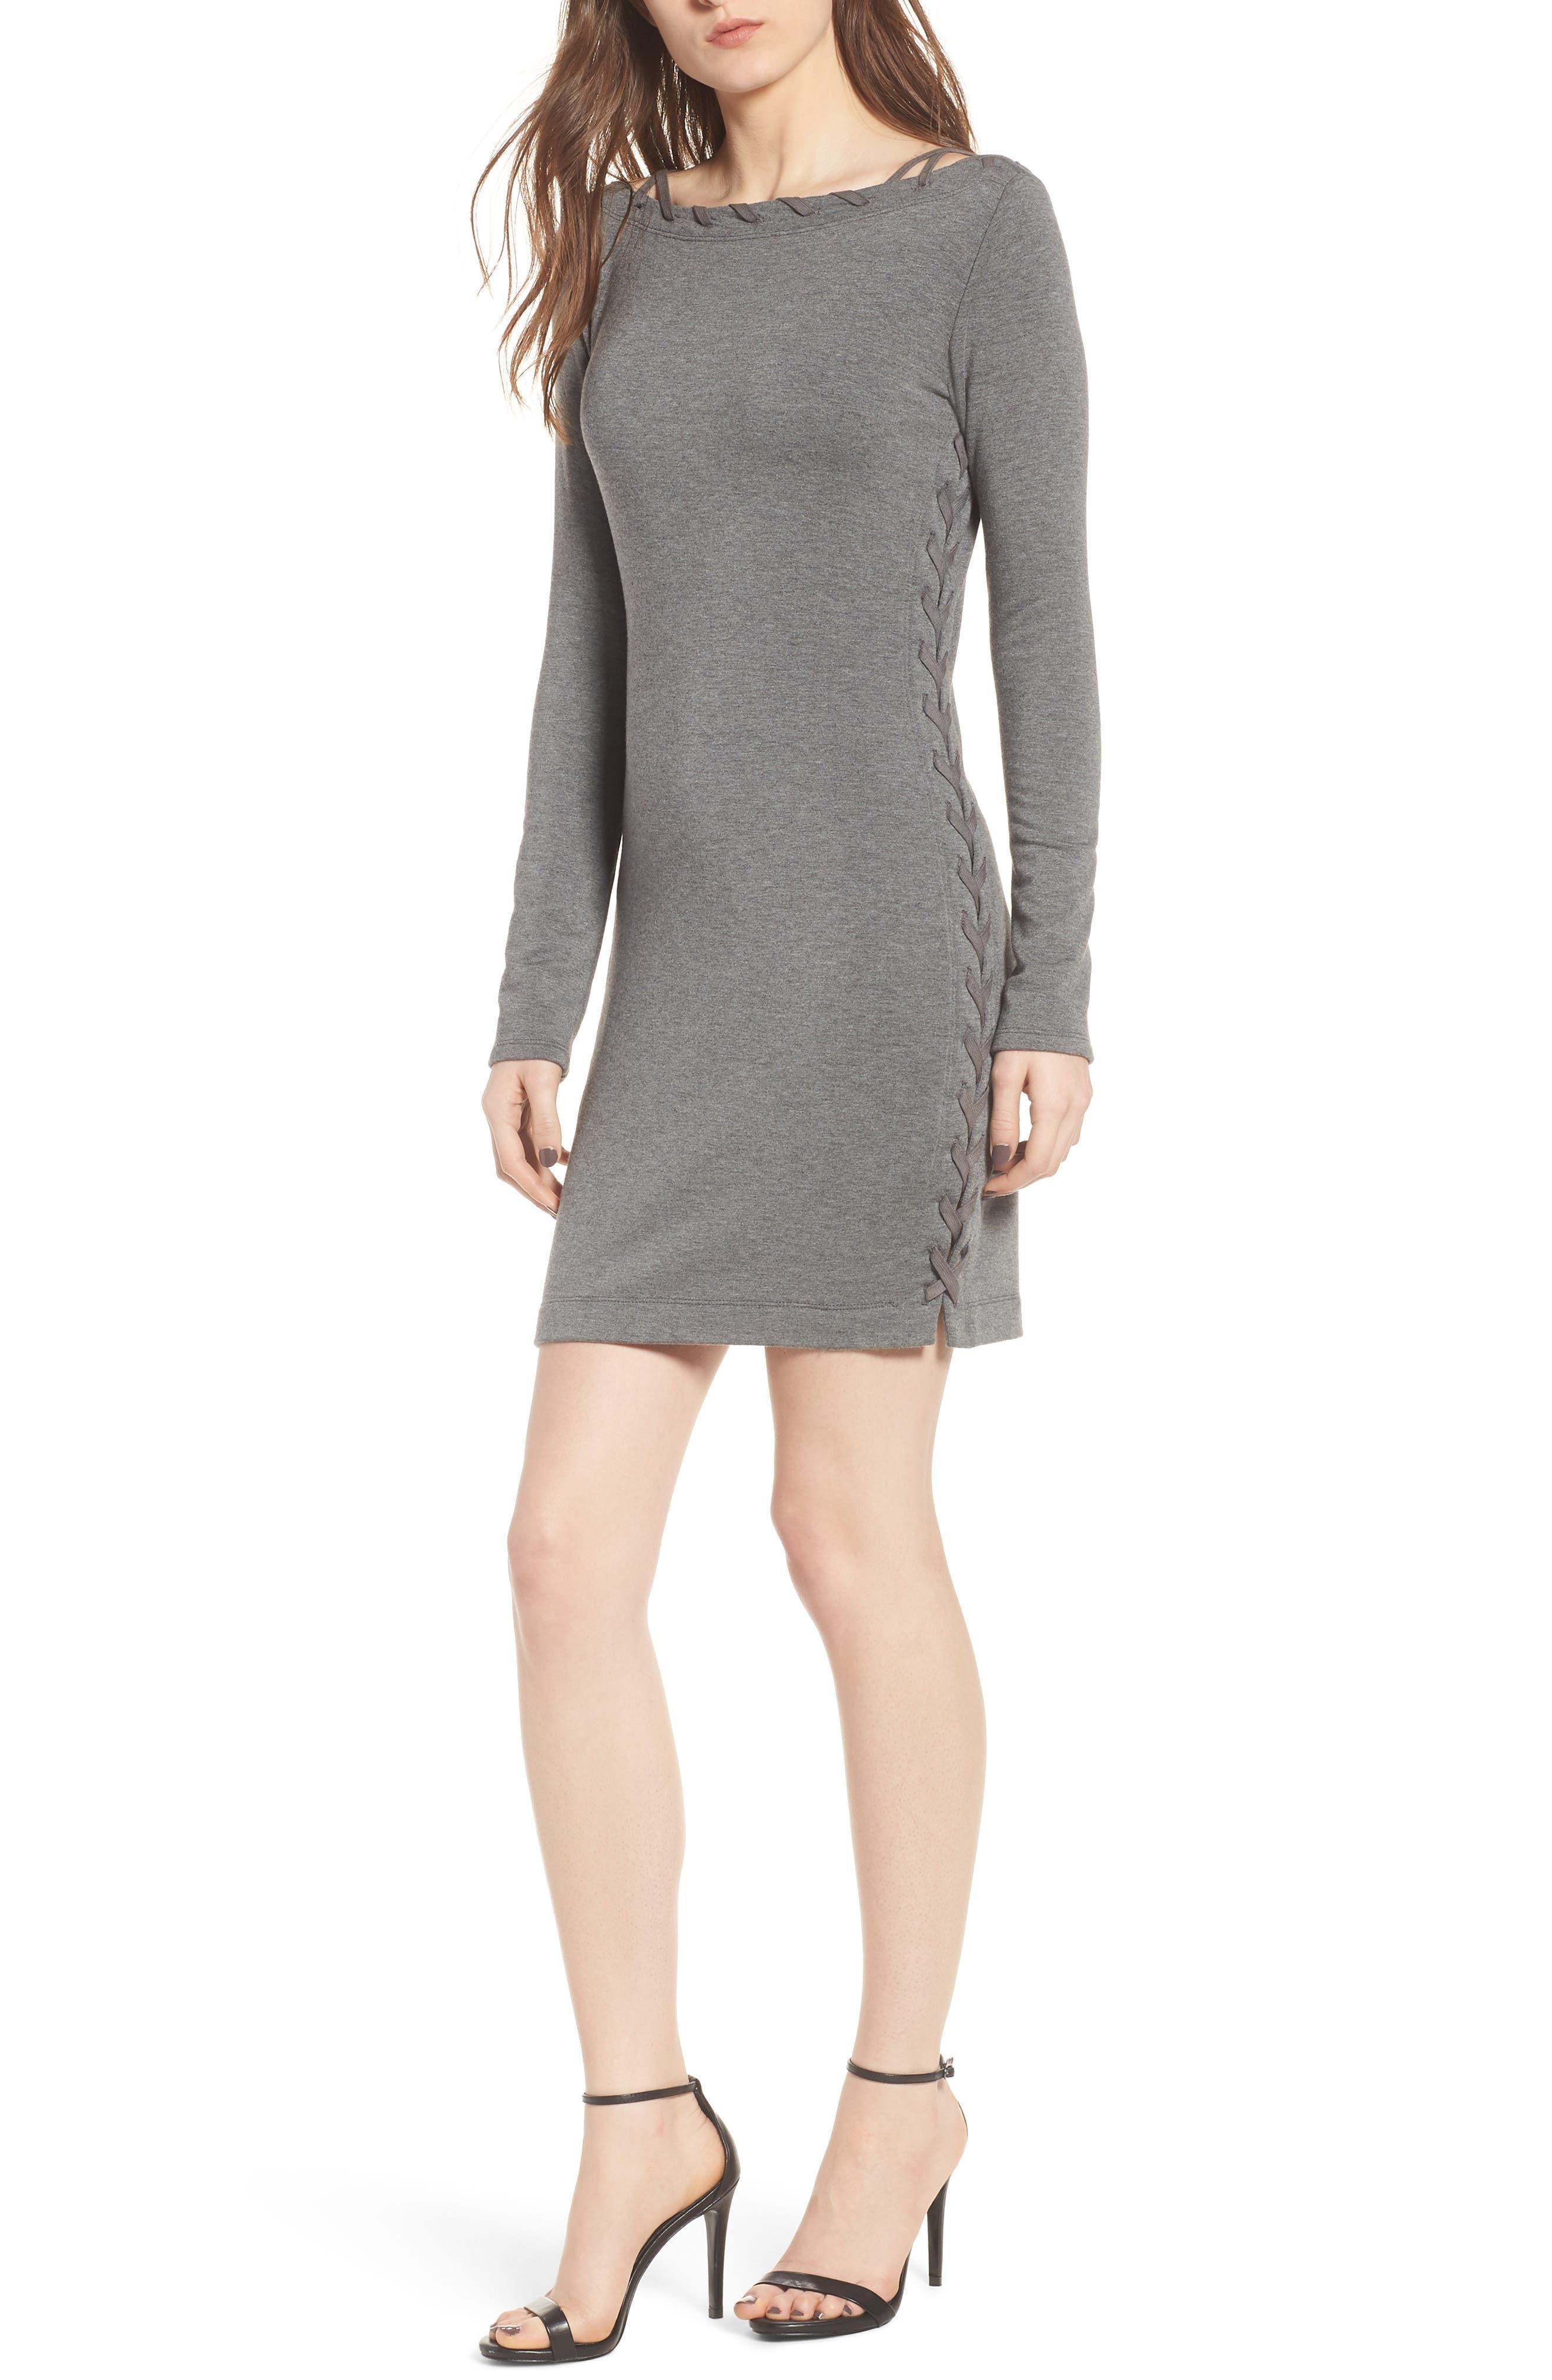 Lazy Day Minidress,                         Main,                         color, 021